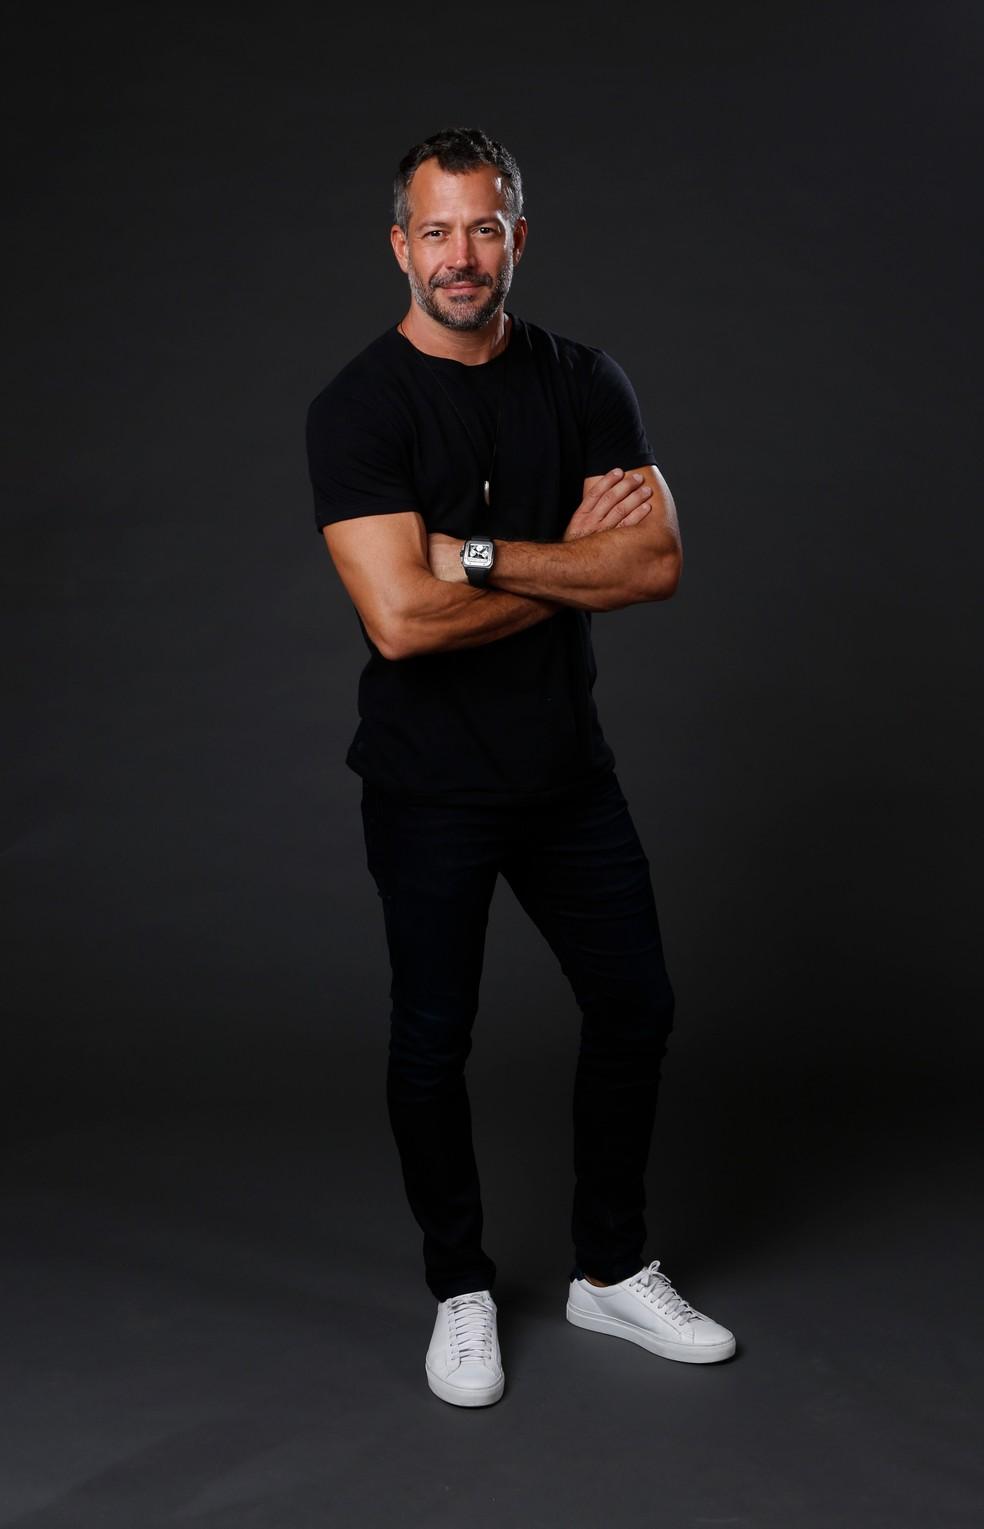 Conforto é tudo! Malvino Salvador usa look preto com tênis branco no lançamento da novela — Foto: Fabiano Battaglin/Gshow